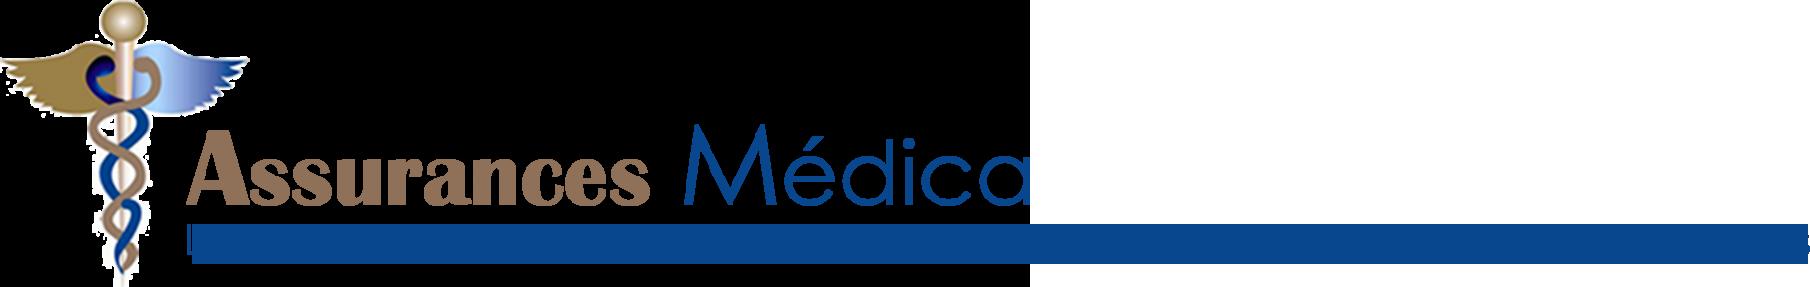 Medica assurances